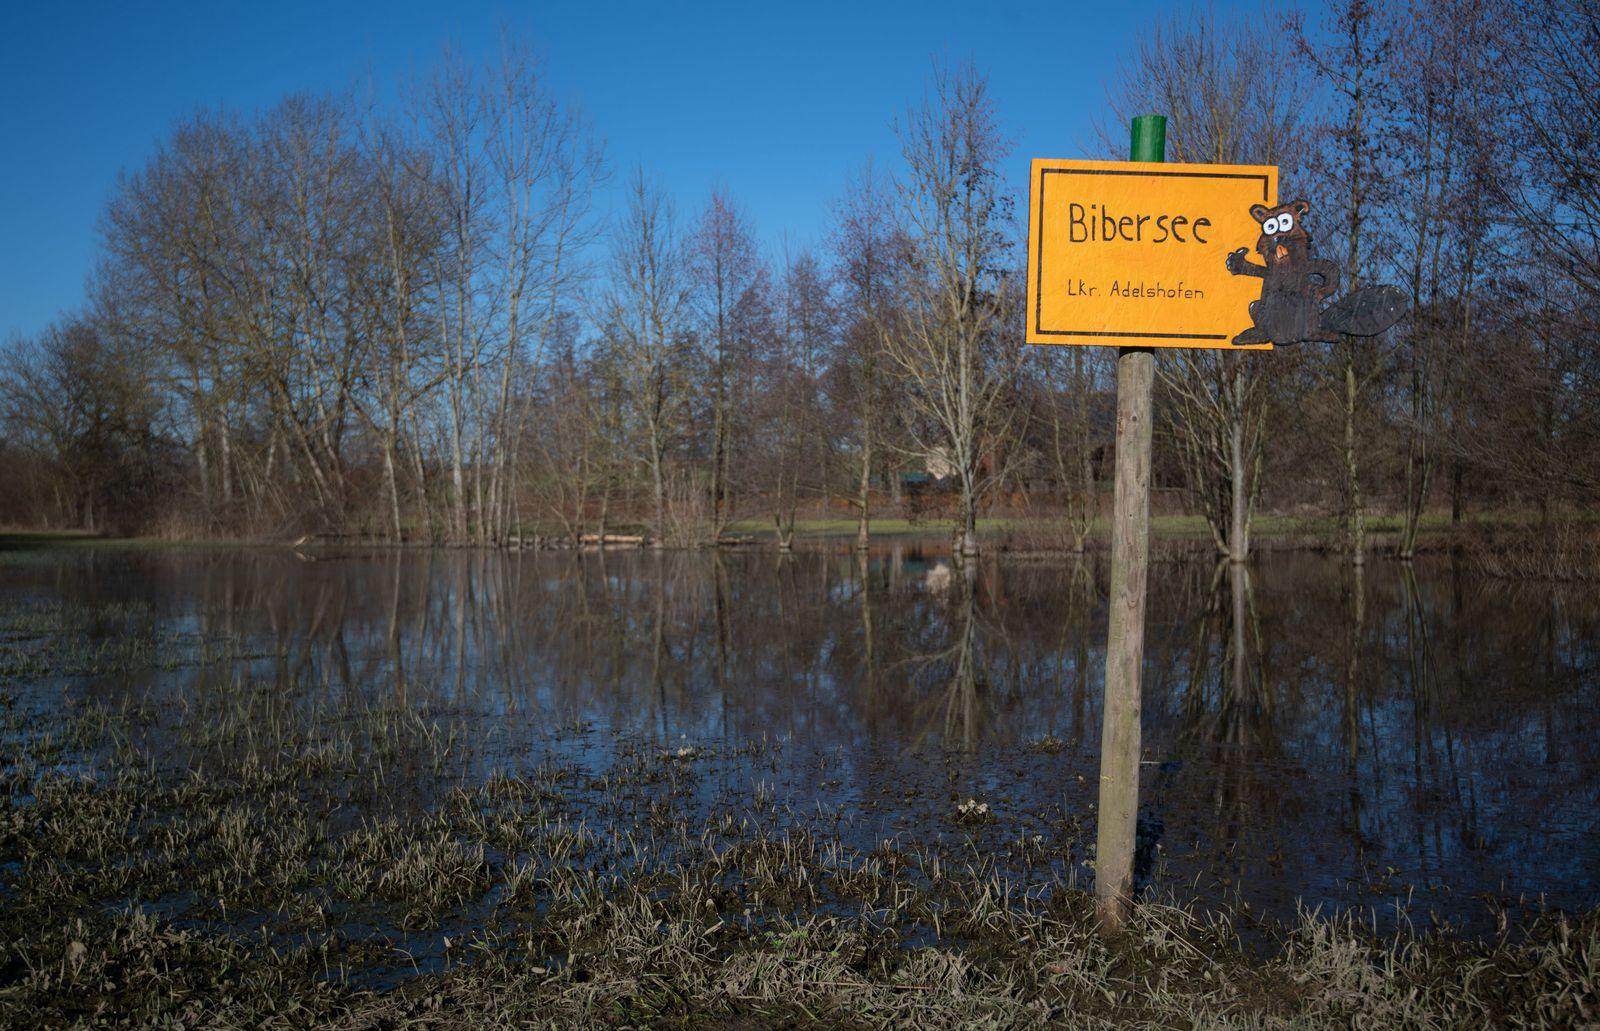 Biber stauen Bach zu kleinem See auf